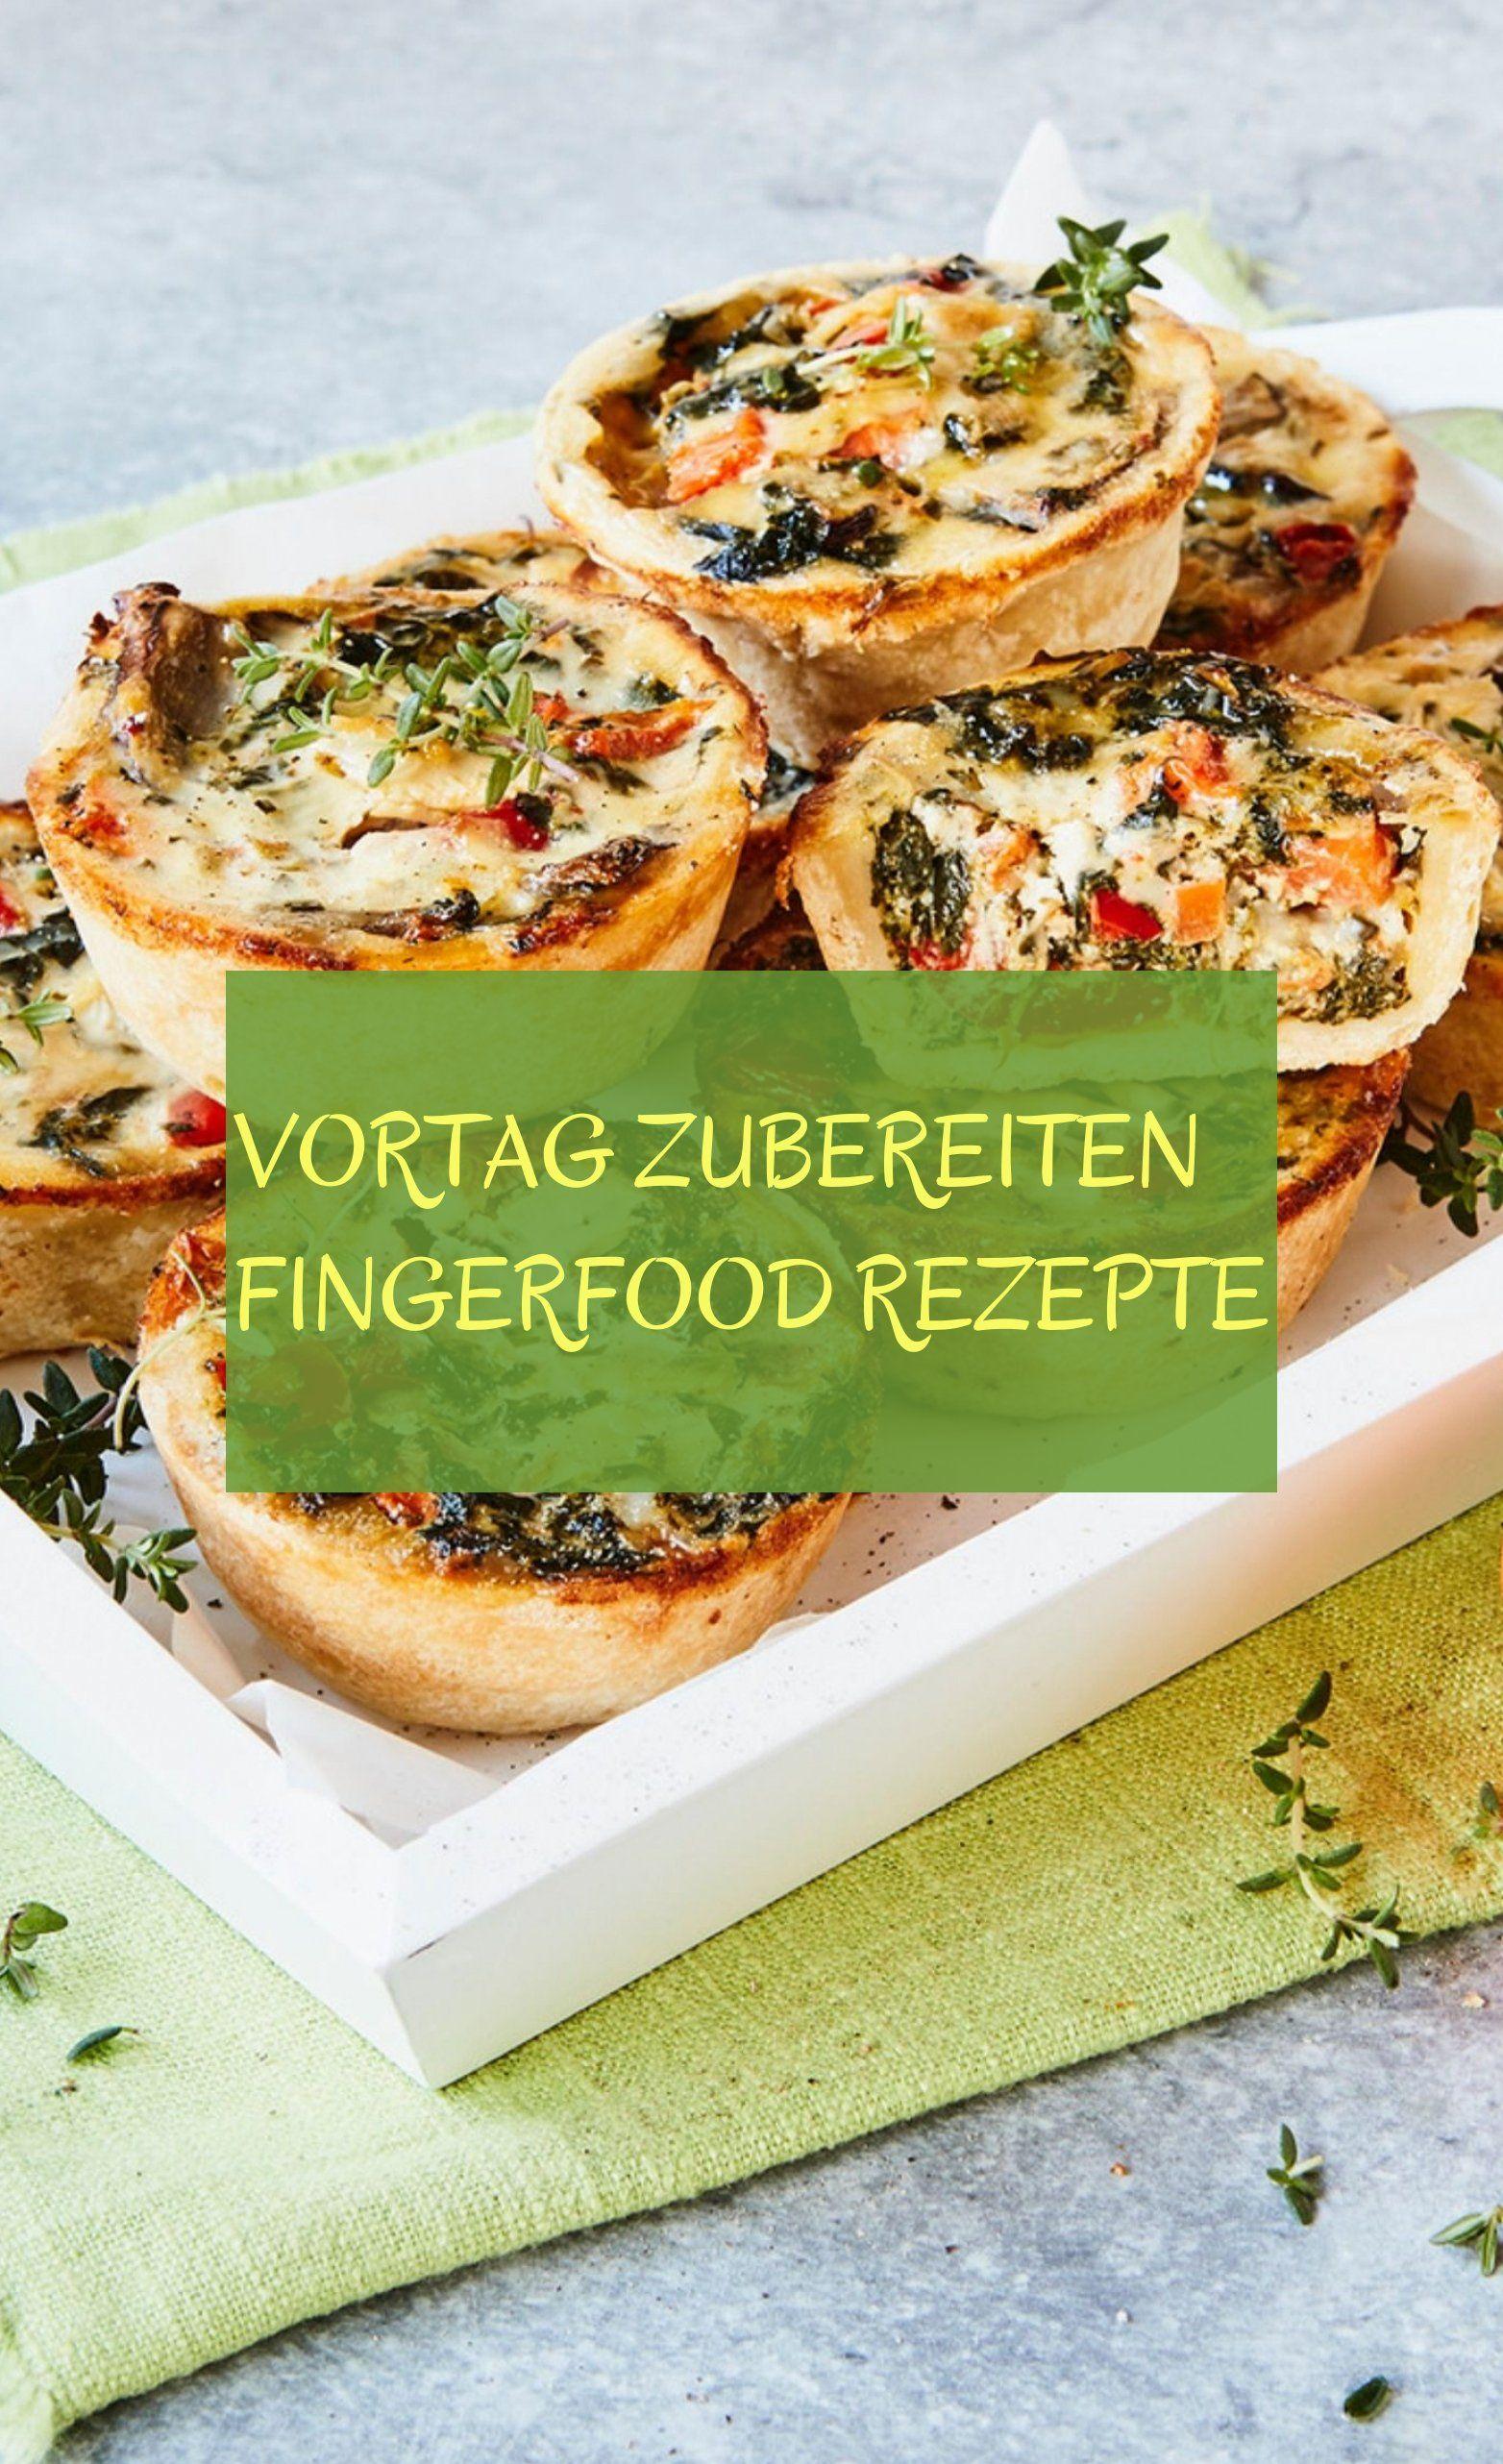 vortag zubereiten fingerfood rezepte 09.20.2019